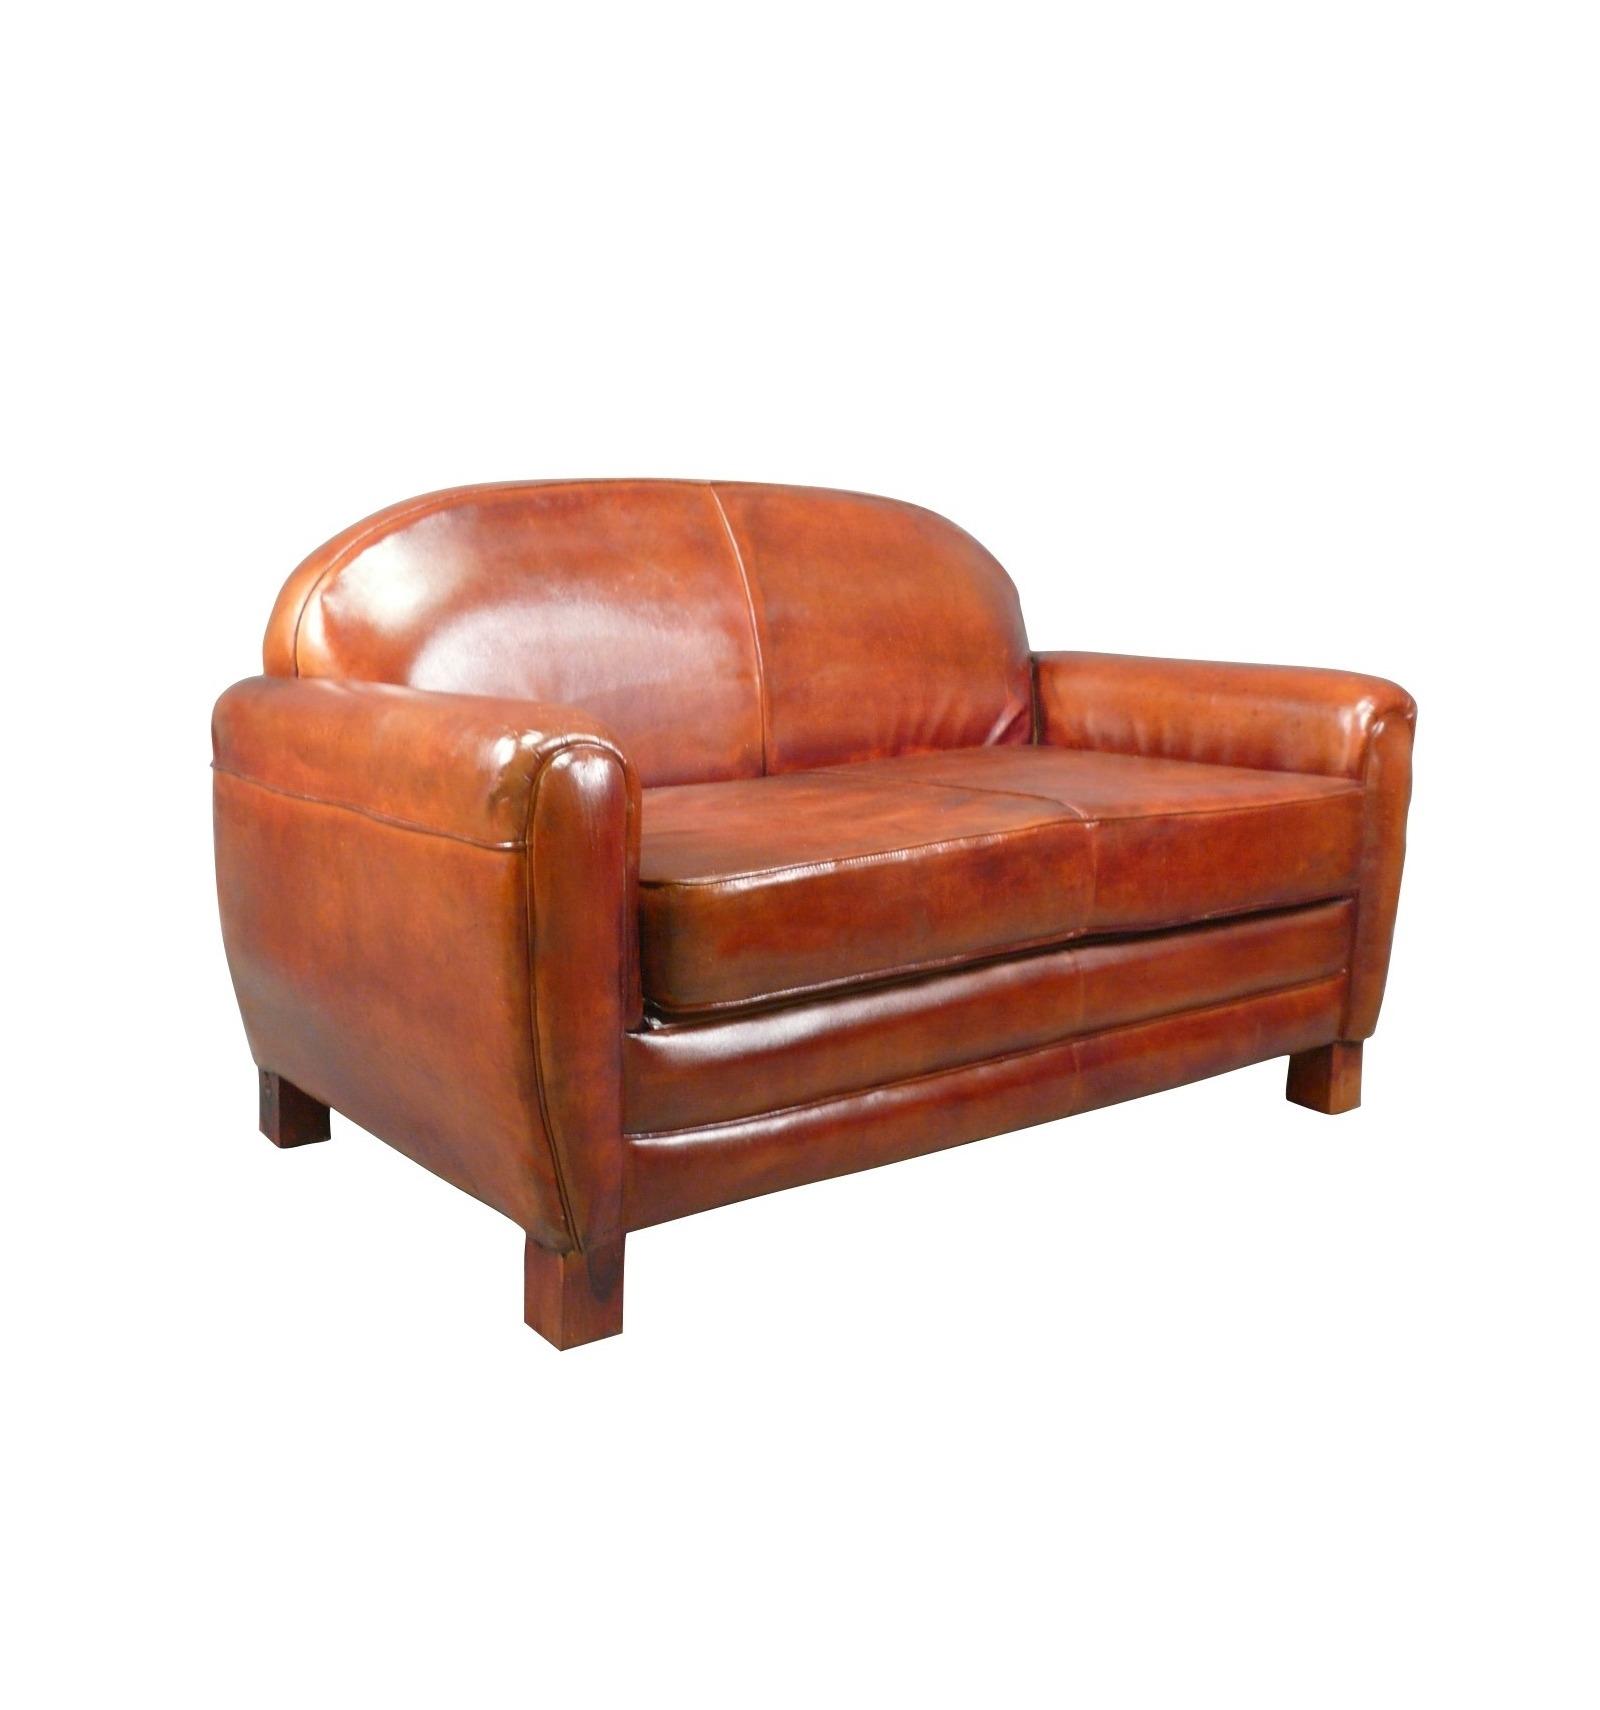 Fauteuil club cuir v ritable - Fauteuil vintage cuir ...